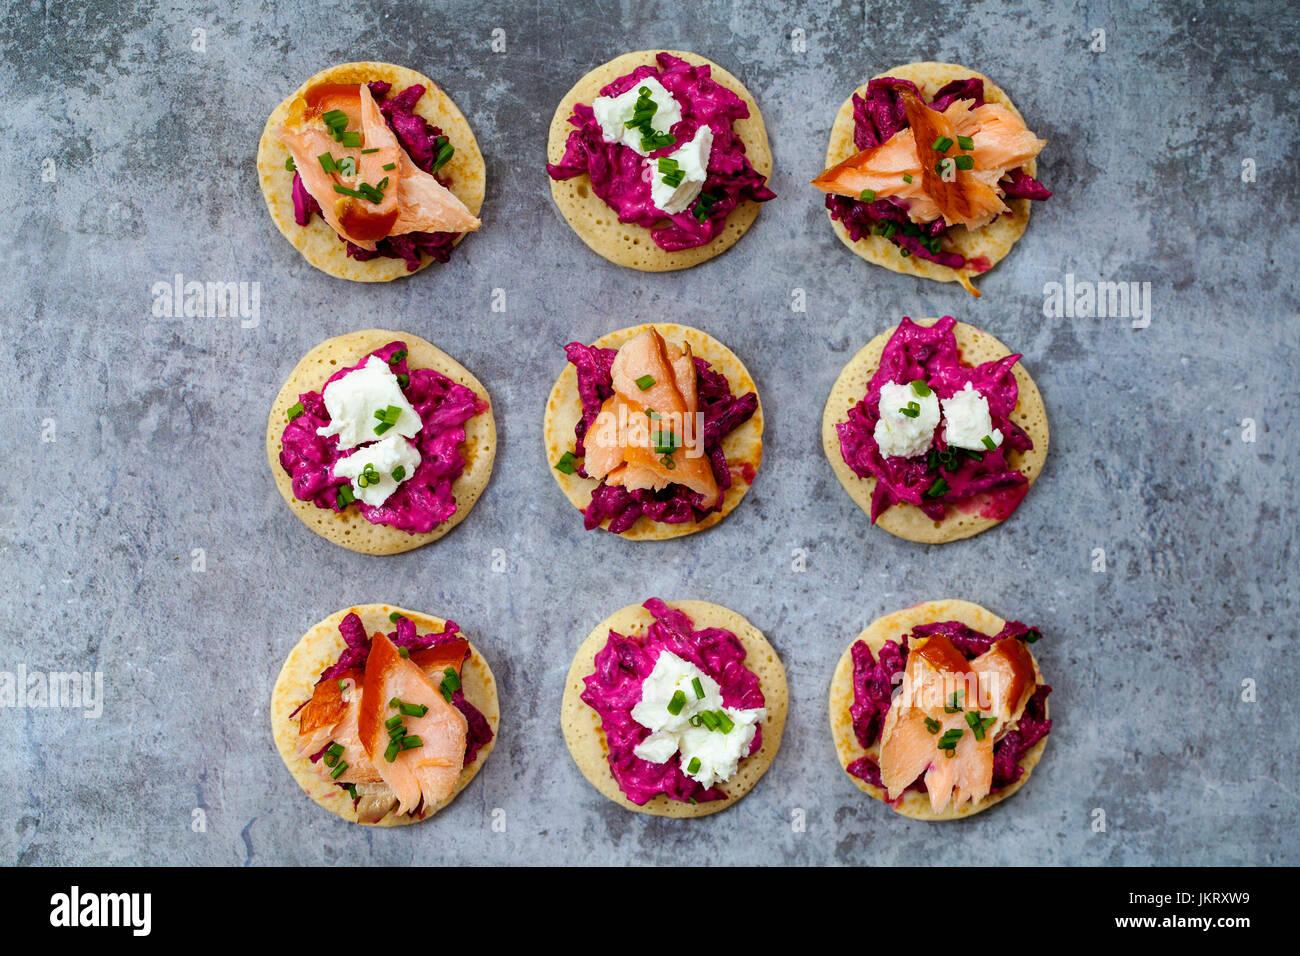 Blinis con remolacha, rábano picante, salmón ahumado en caliente y cabra chhese Foto de stock